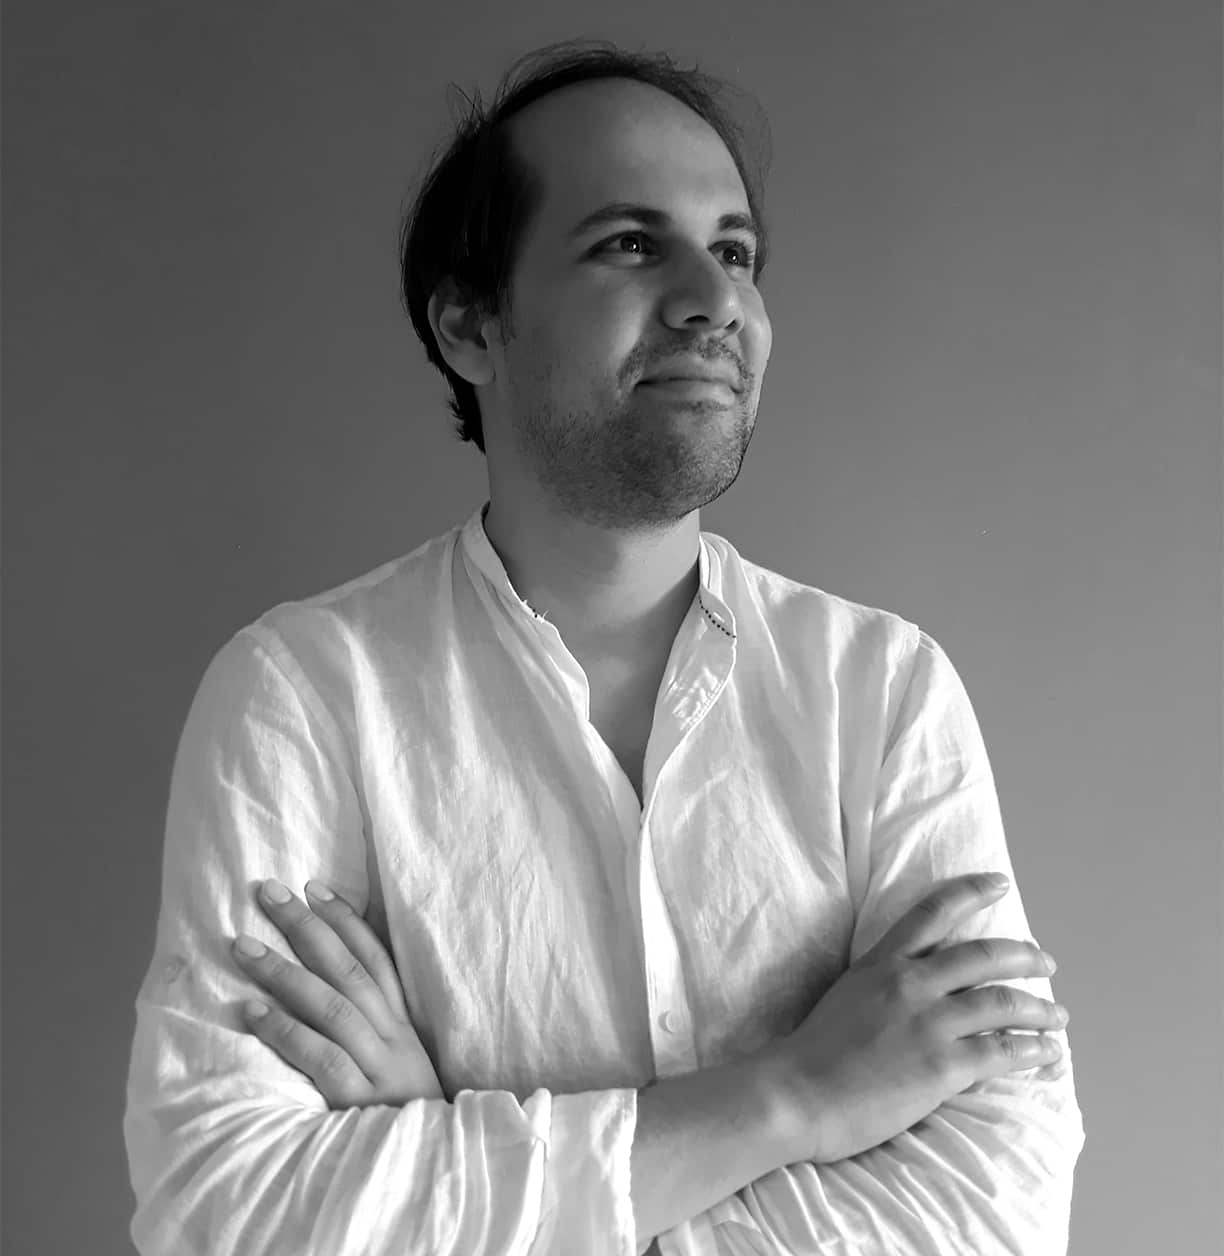 Djamel Kara